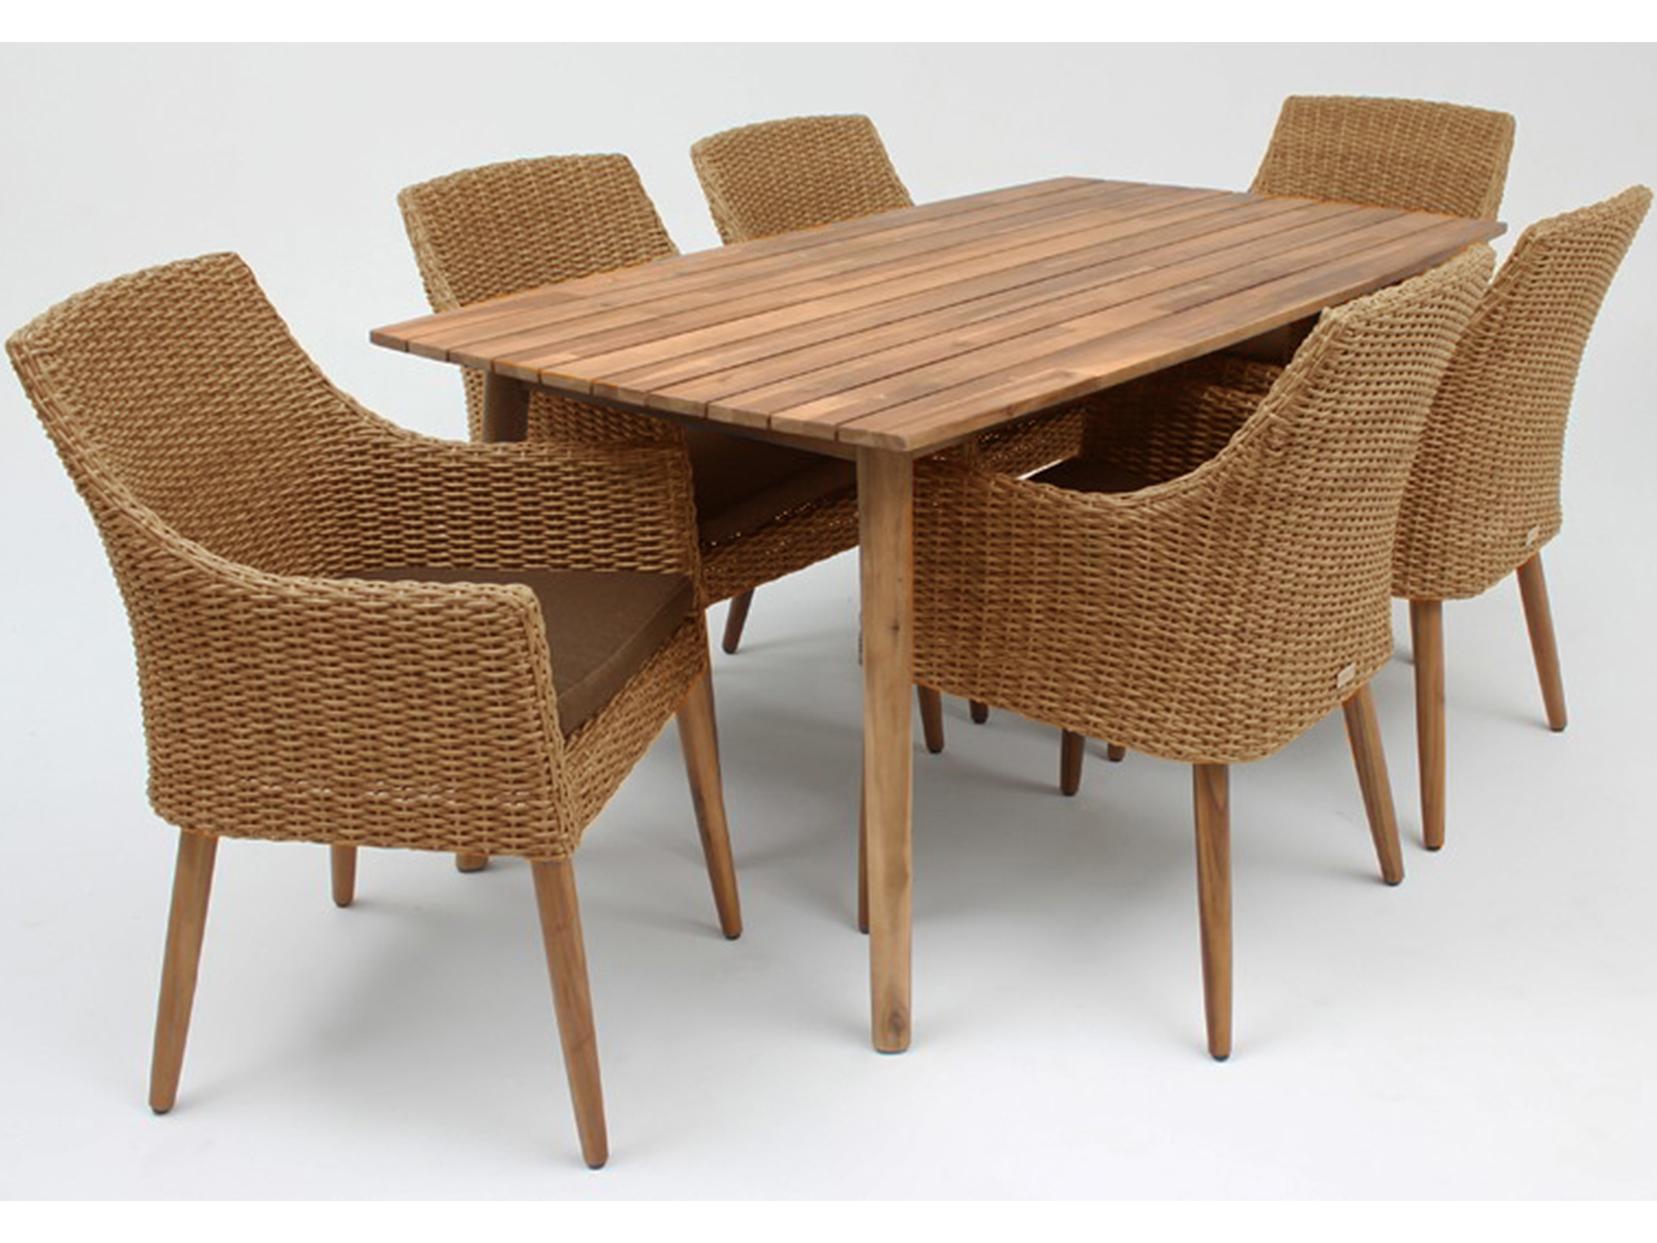 Zahradní sestava - Exterio - Copenhagen 1+4 (akátové dřevo + umělý ratan)